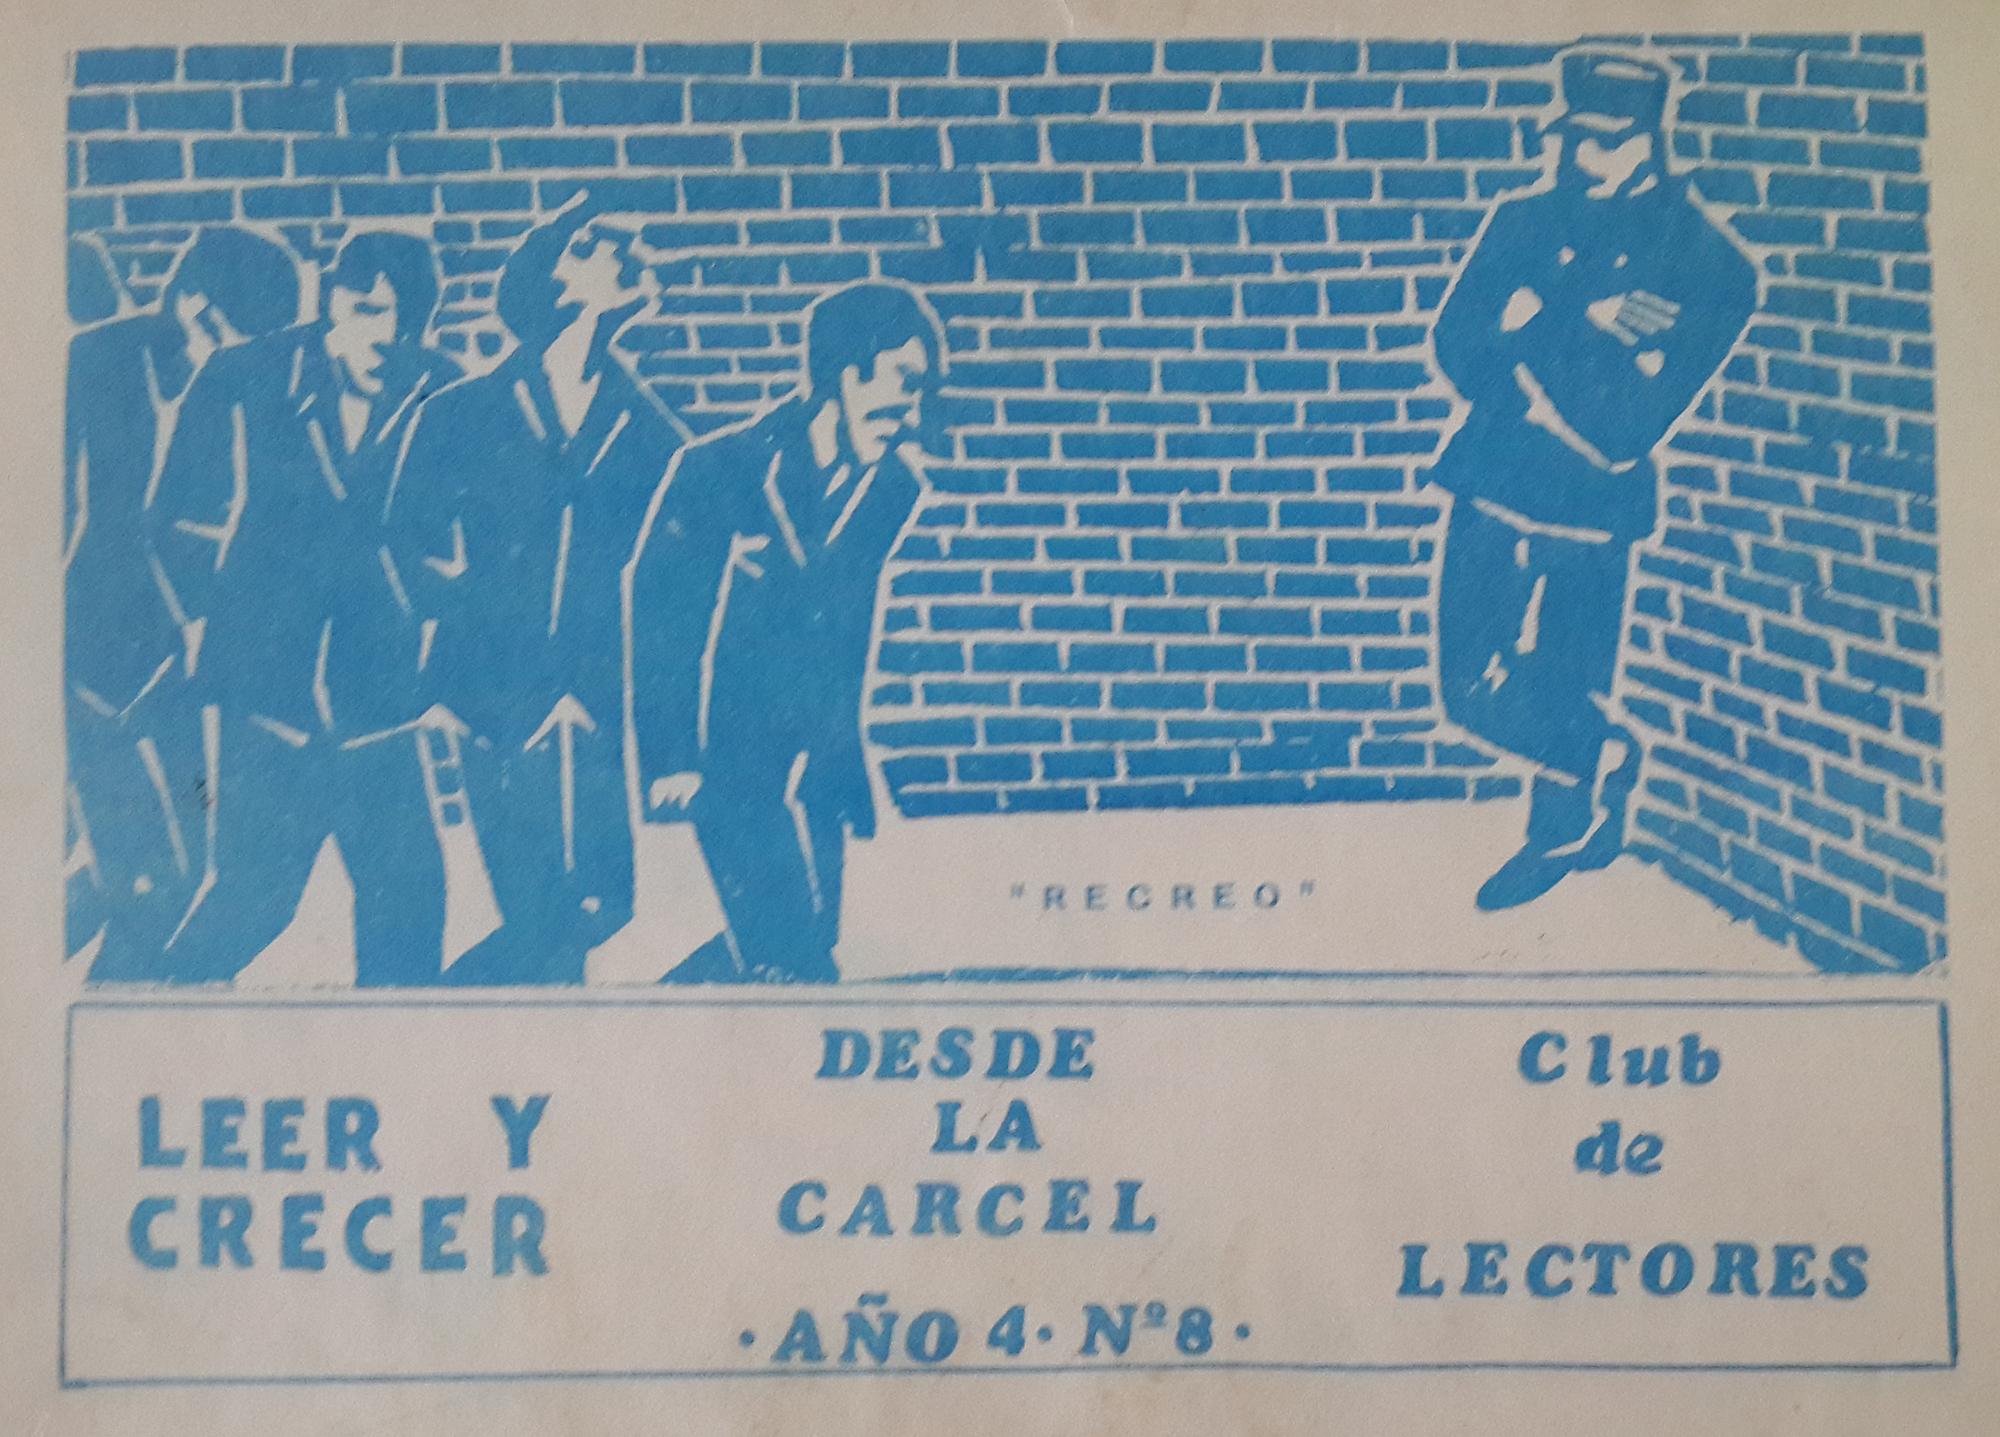 """Tapa de la revista del club de lectura """"Leer y crecer"""" en donde se publicaban reflexiones, poemas y notas de los presos."""